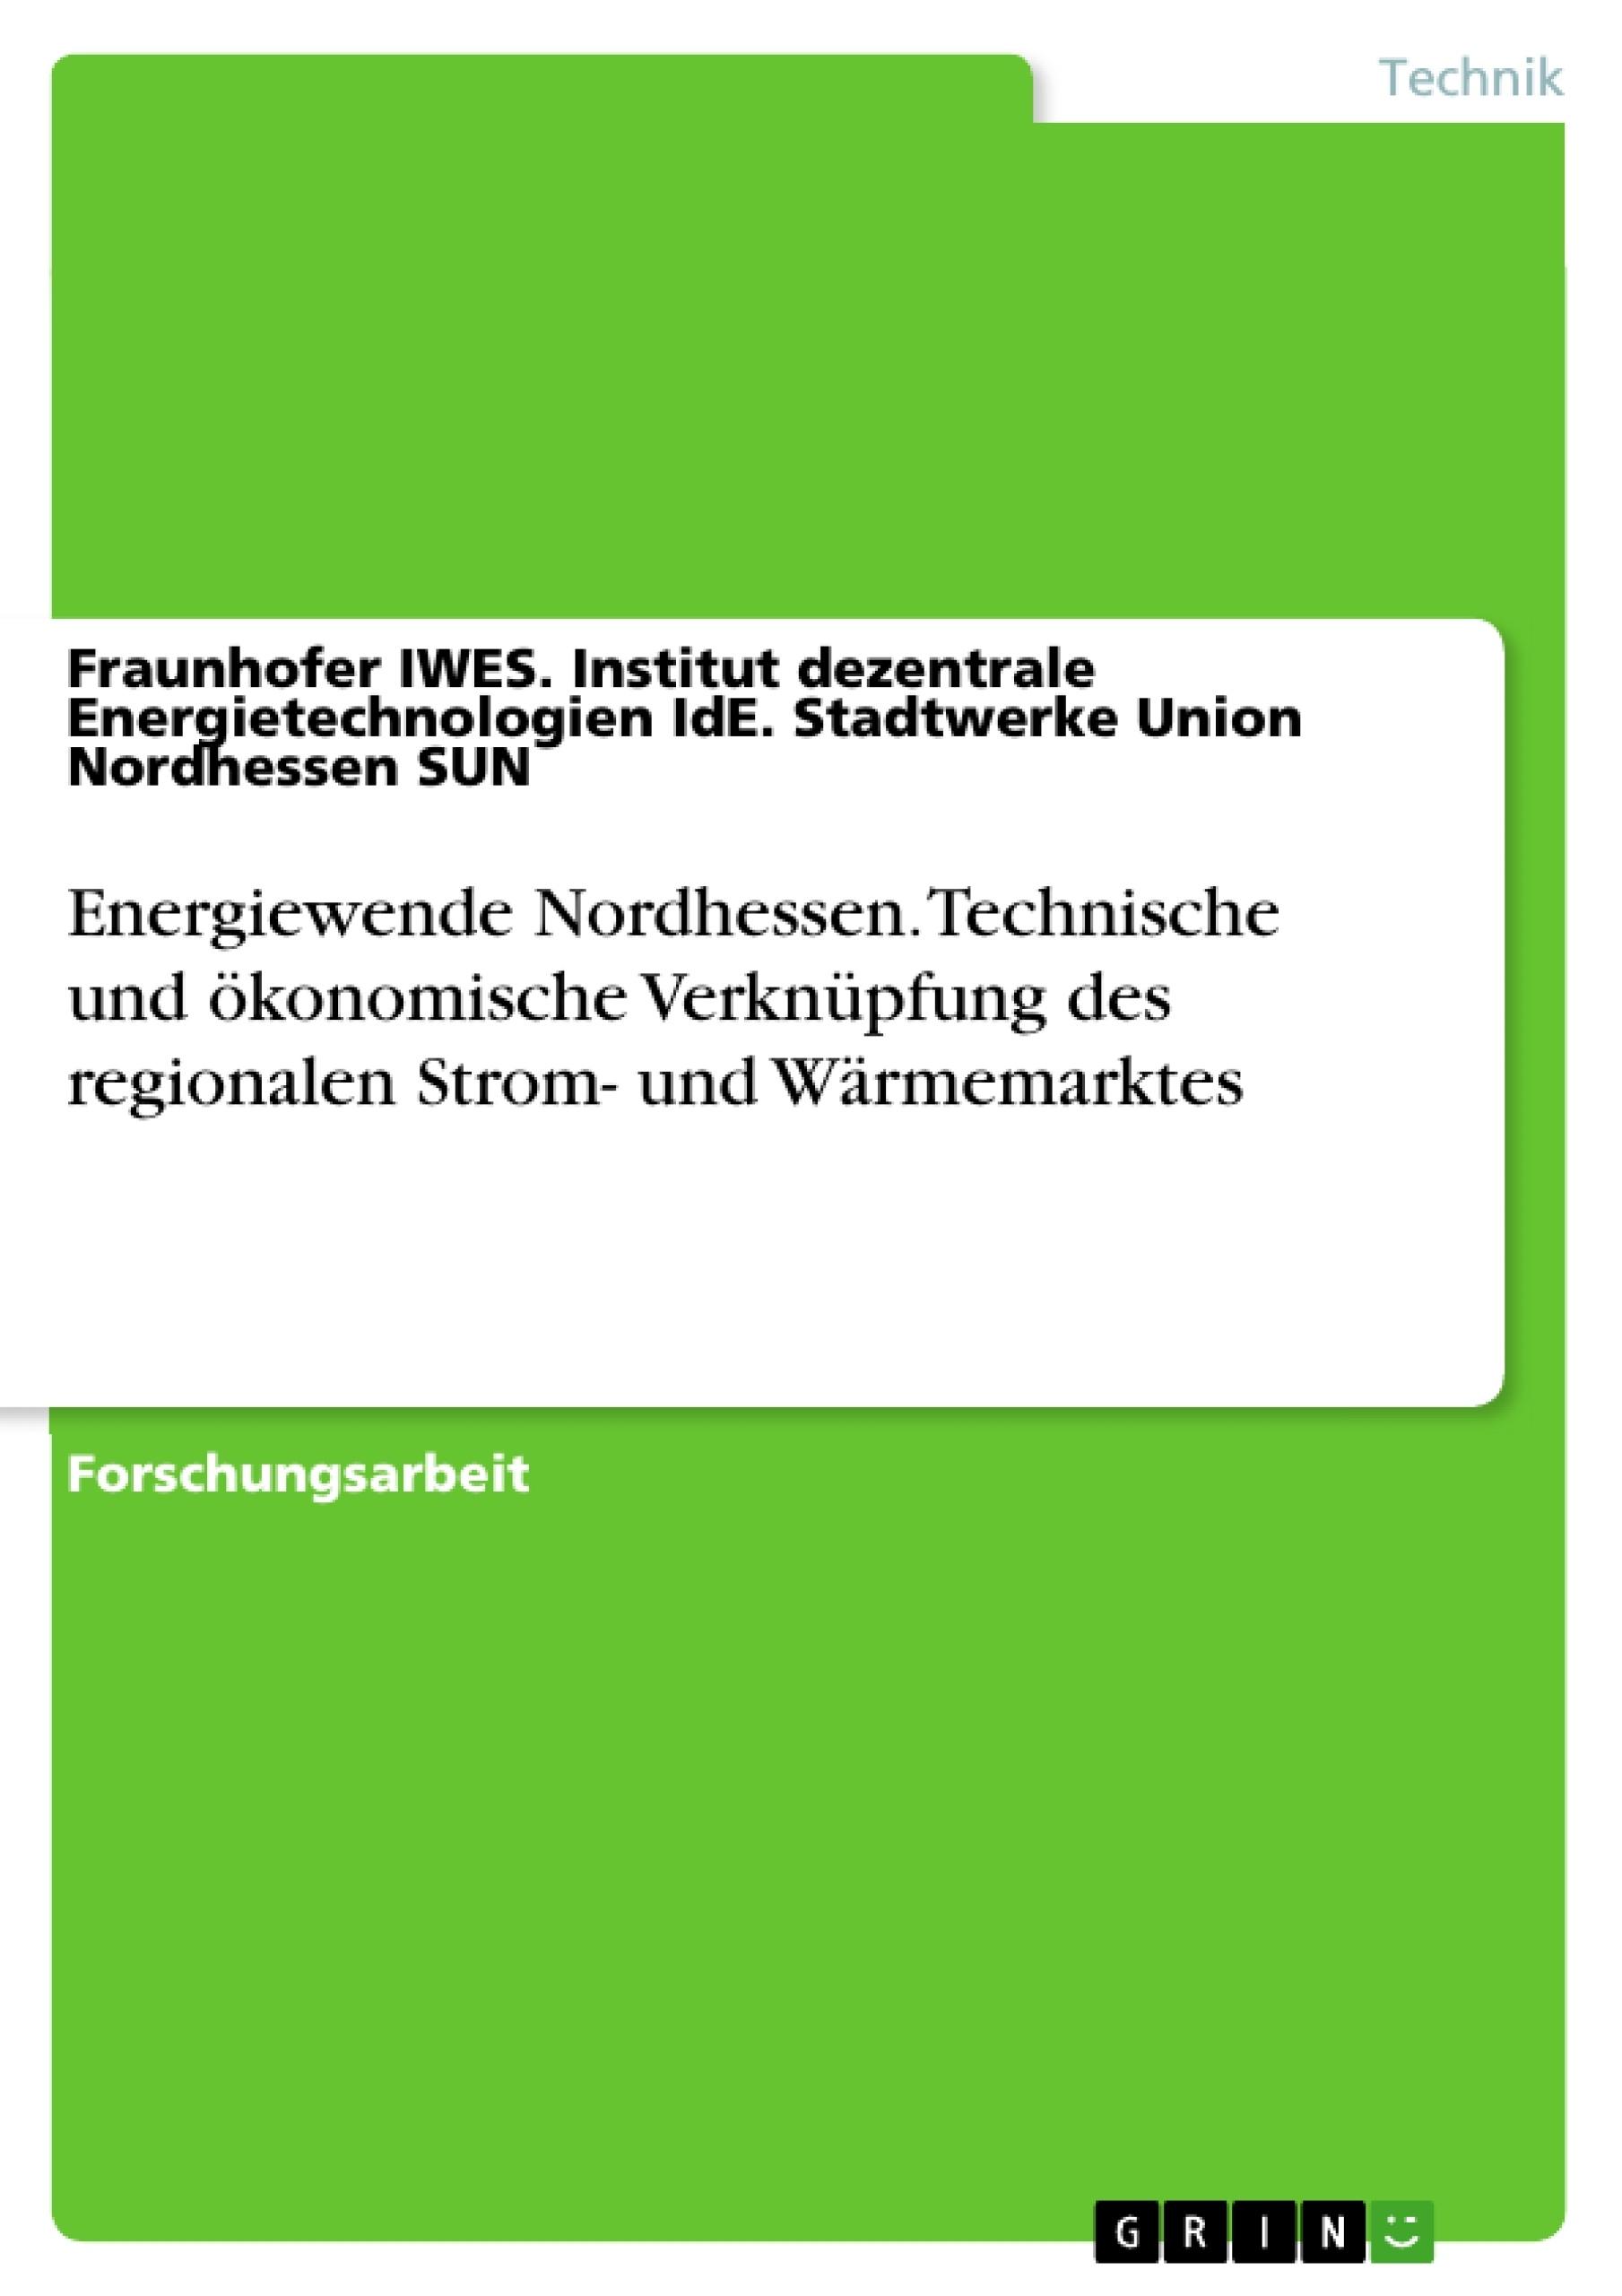 Titel: Energiewende Nordhessen. Technische und ökonomische Verknüpfung des regionalen Strom- und Wärmemarktes